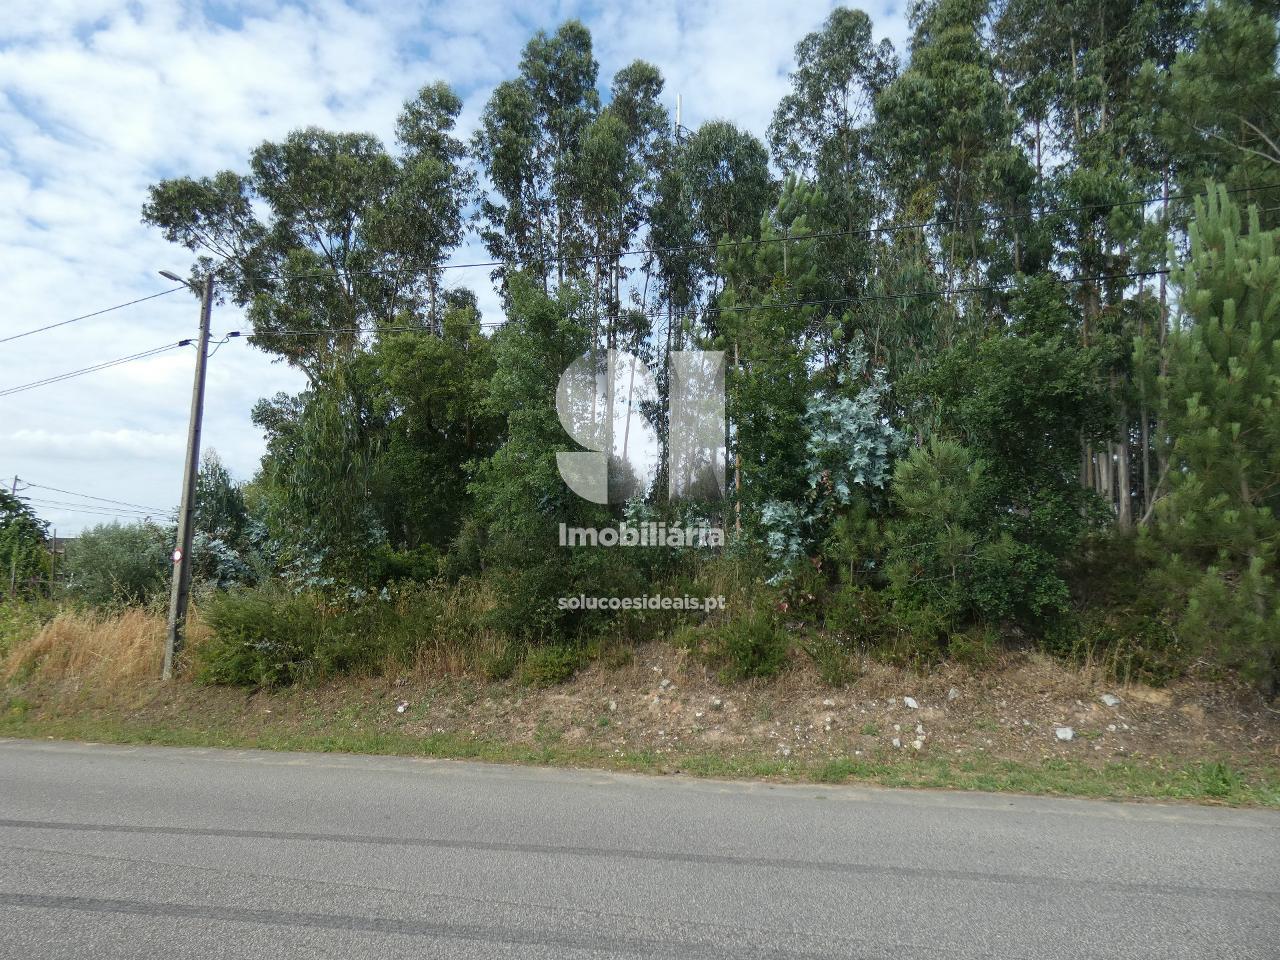 terreno para compra em mealhada uniao das freguesias da mealhada ventosa do bairro e antes MEATM3039